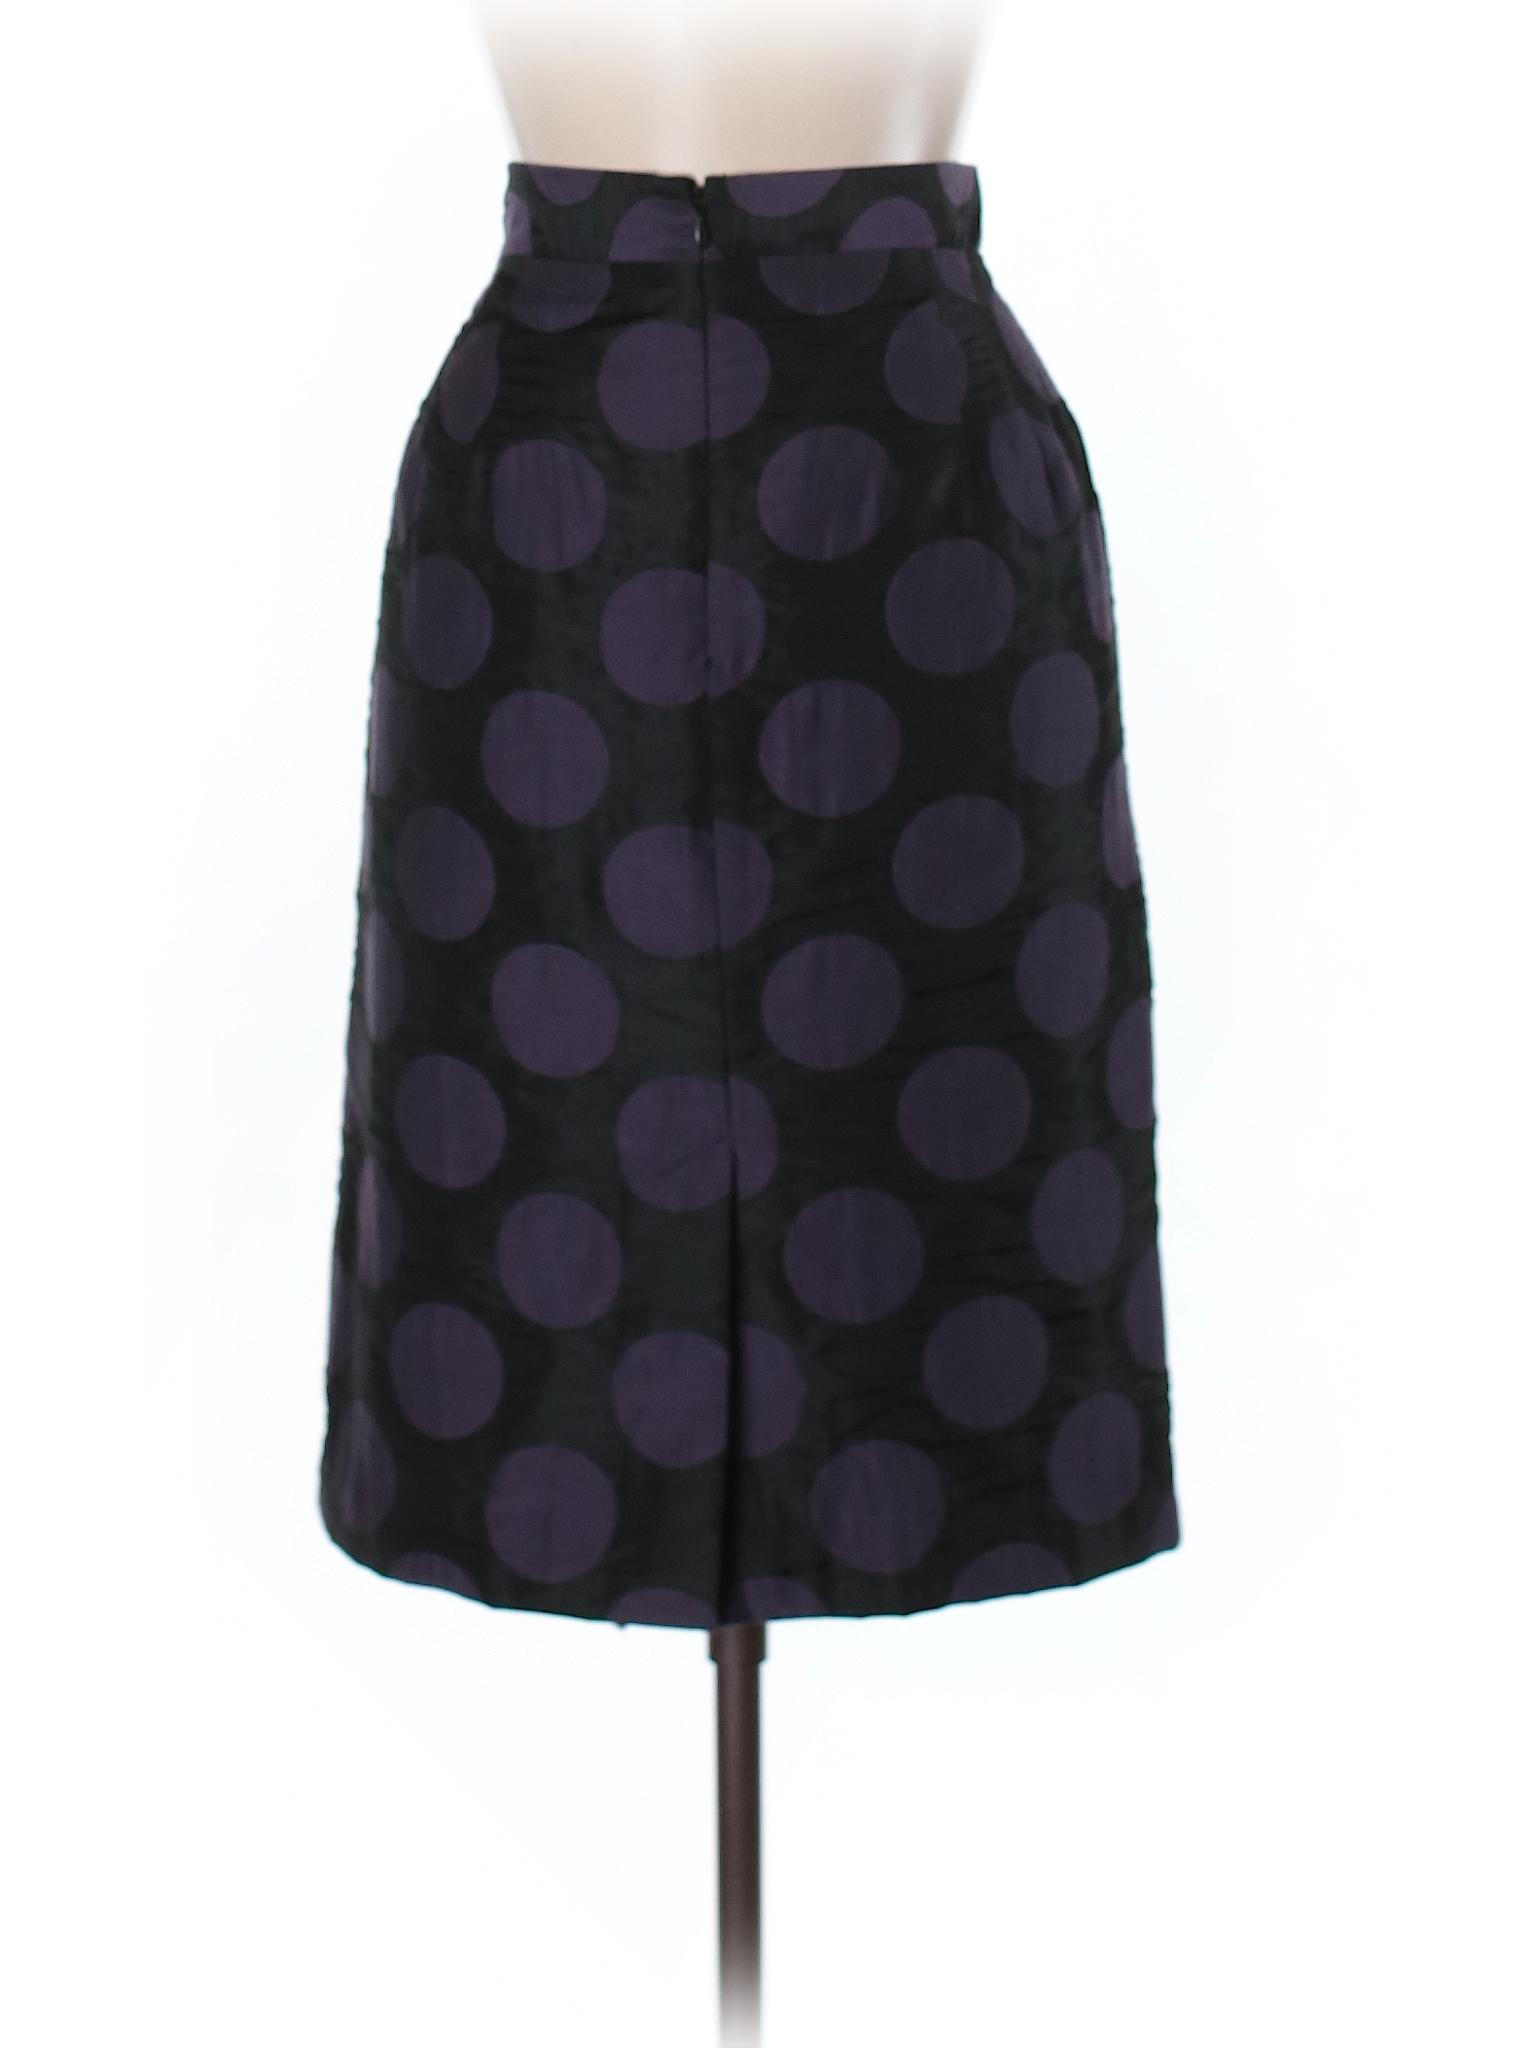 Boutique Boutique Casual Skirt Skirt Boutique Casual Casual dURTZq